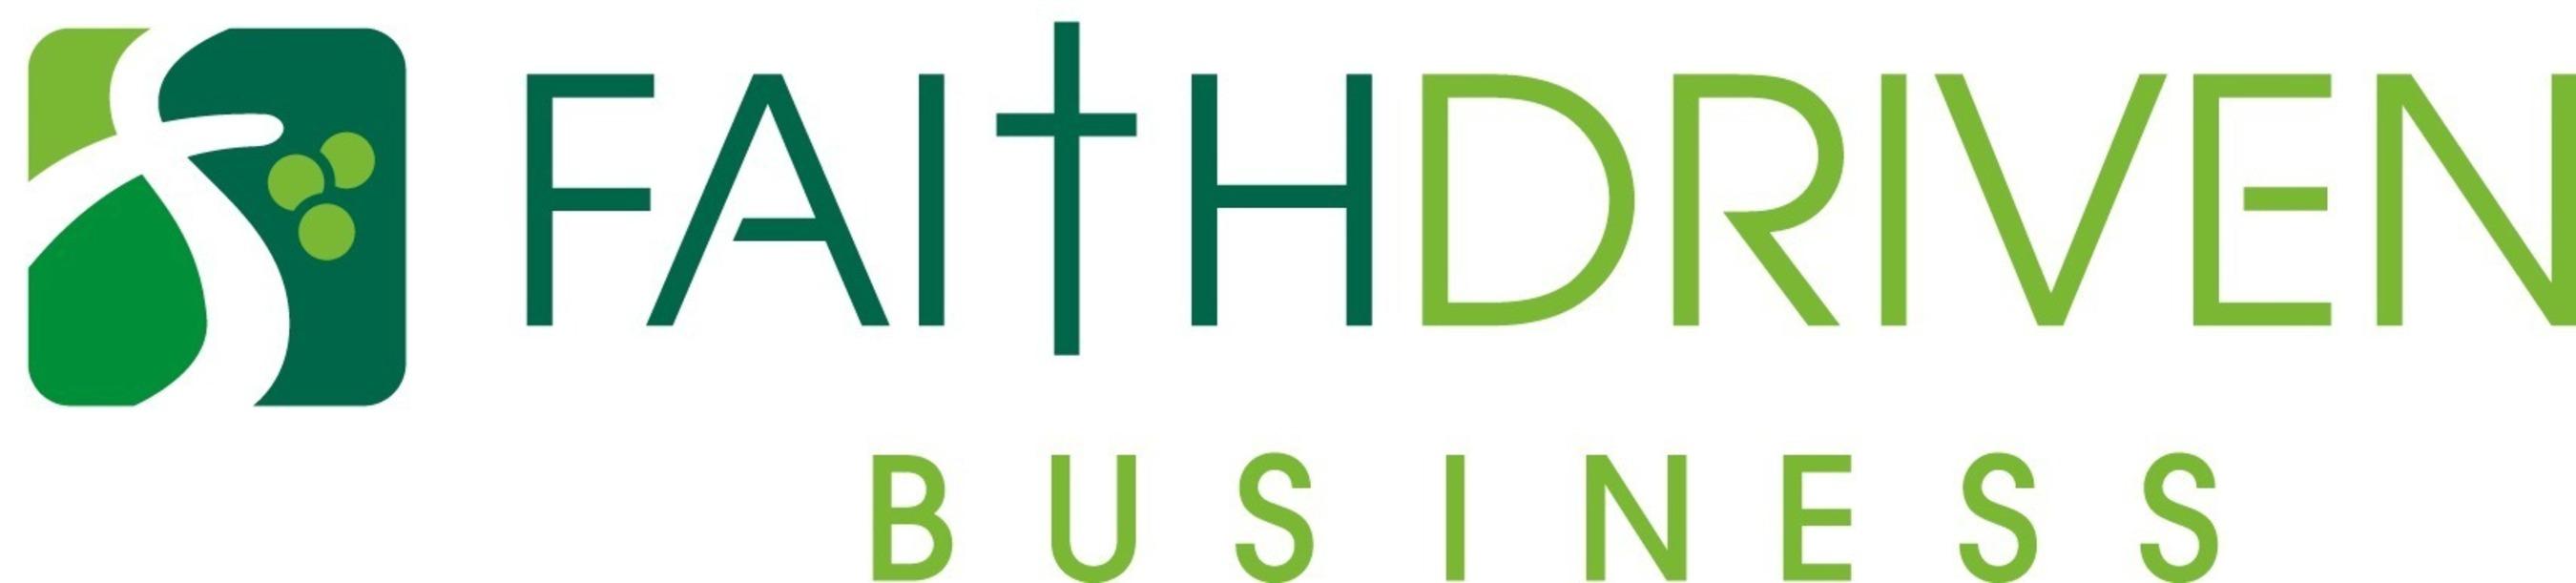 Faith Driven Business  (PRNewsFoto/In HIS Name HR LLC)